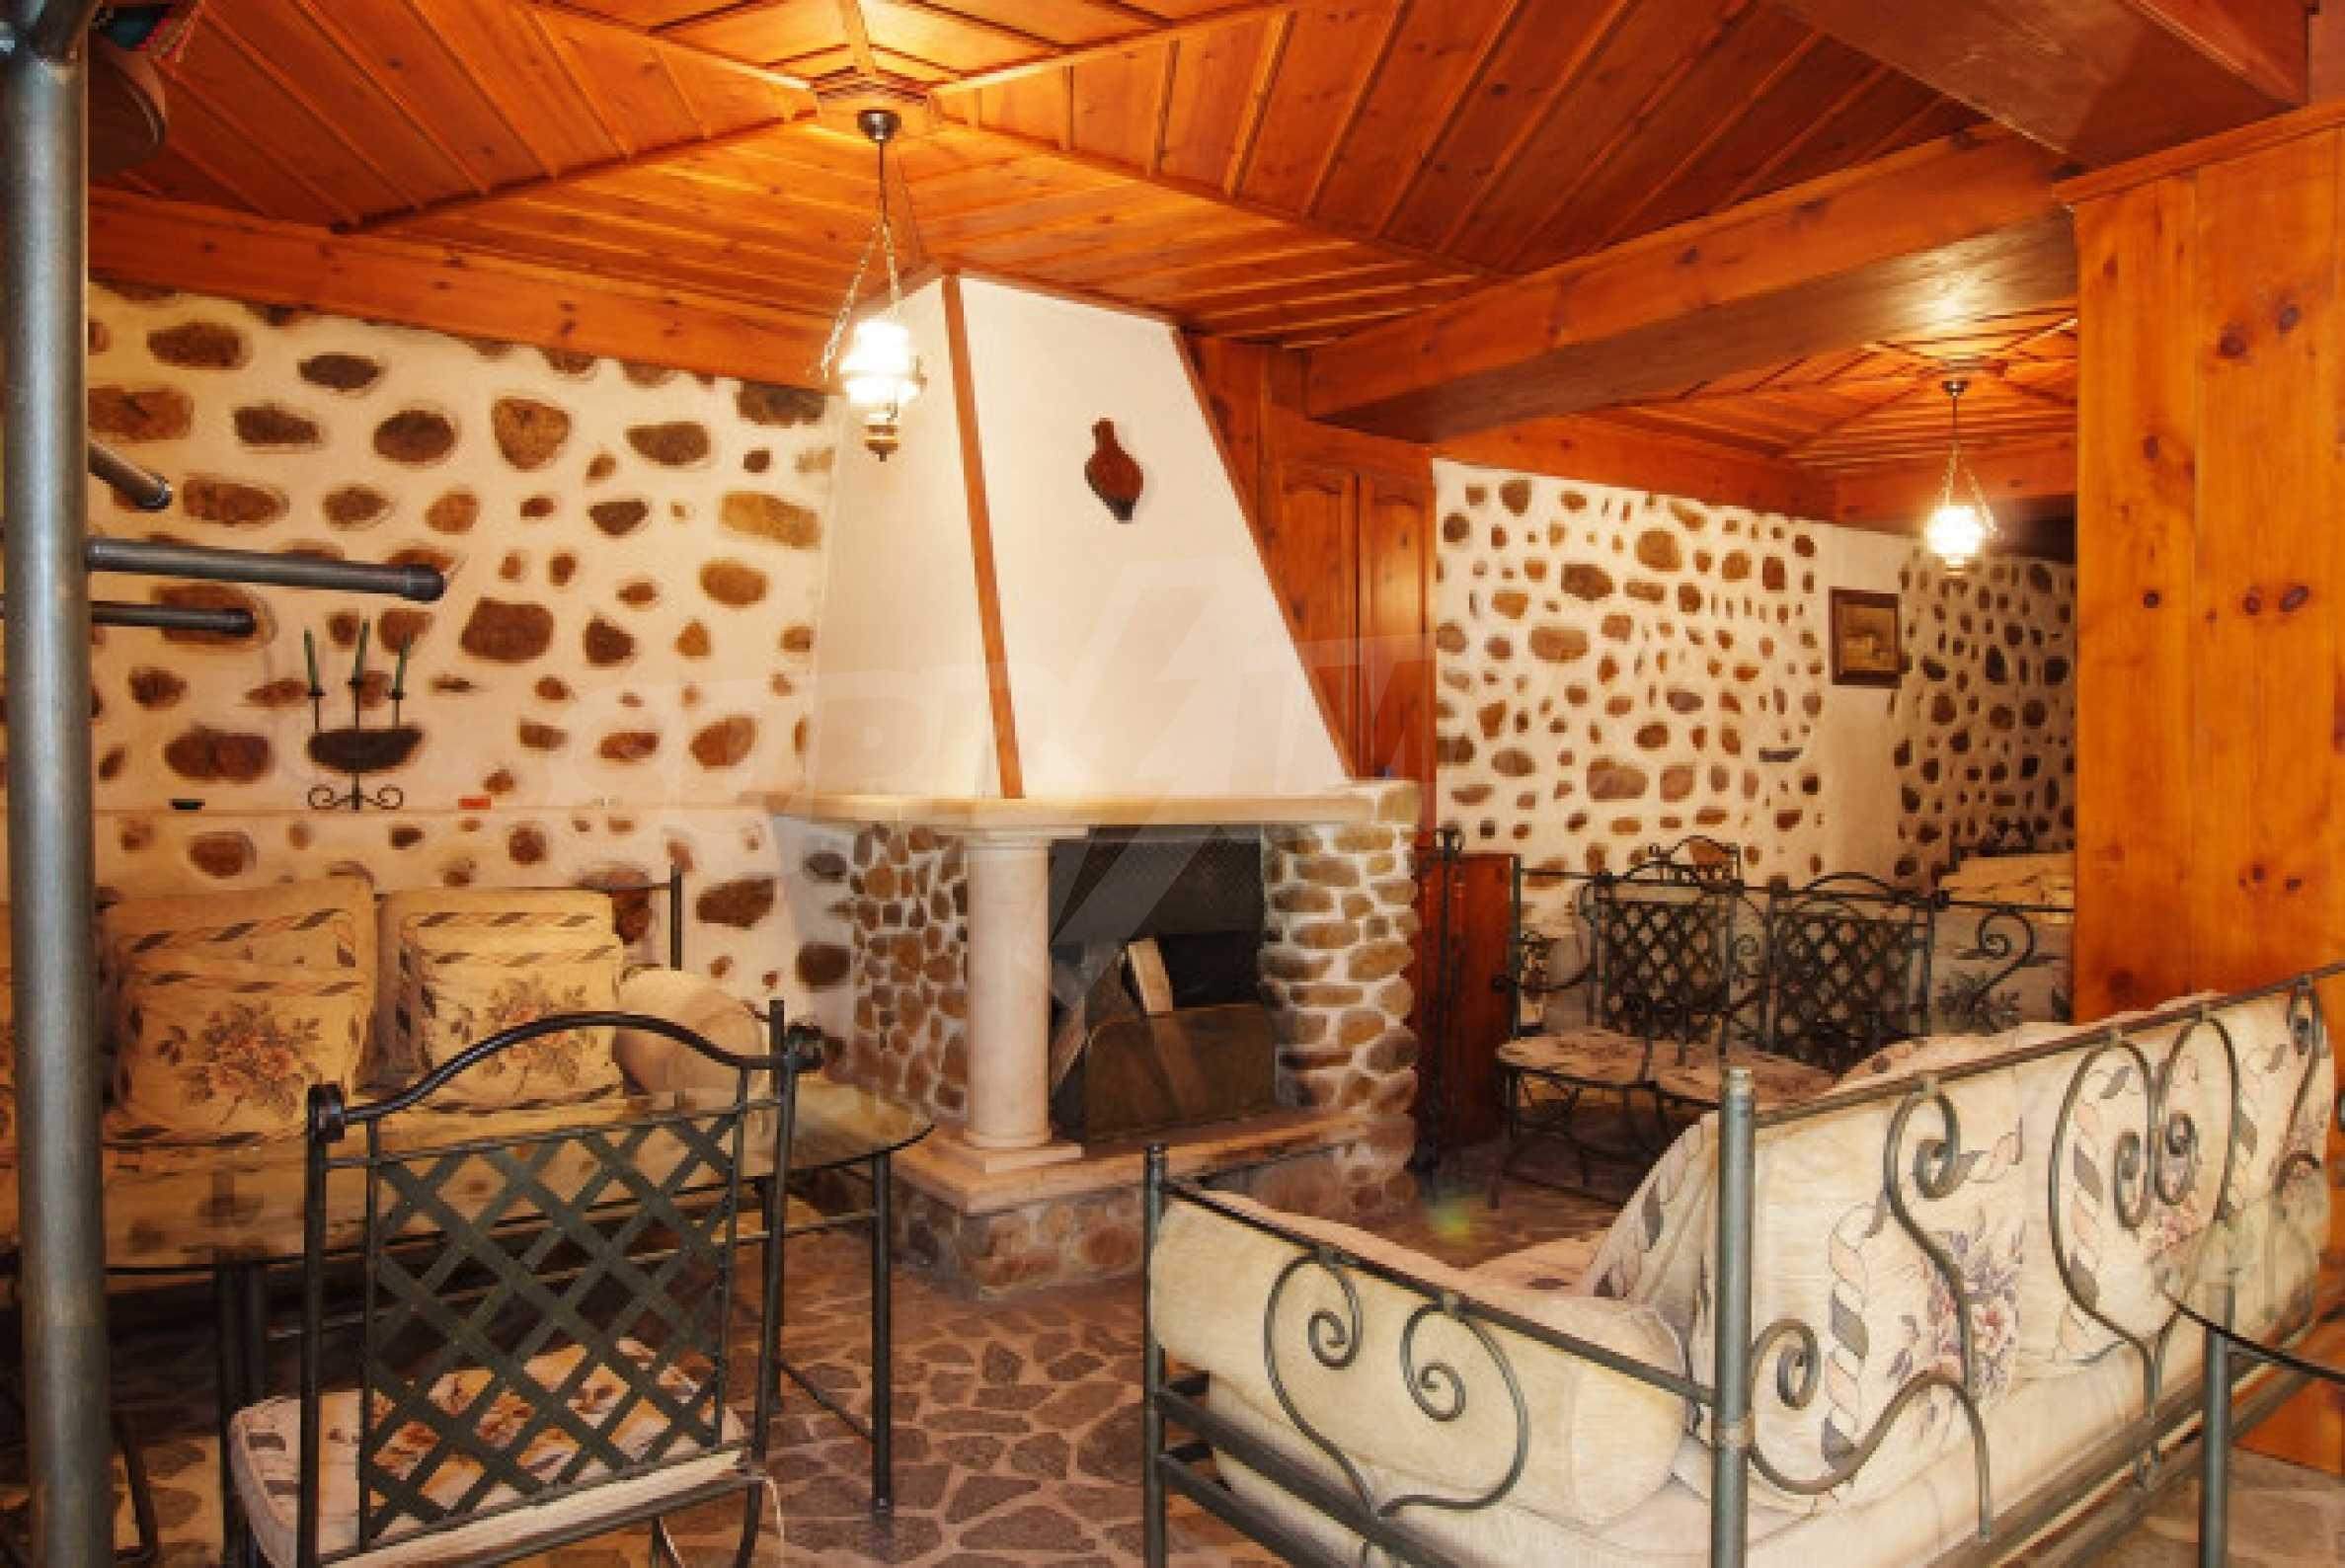 Гостиница, Отель в г. Мелник 8